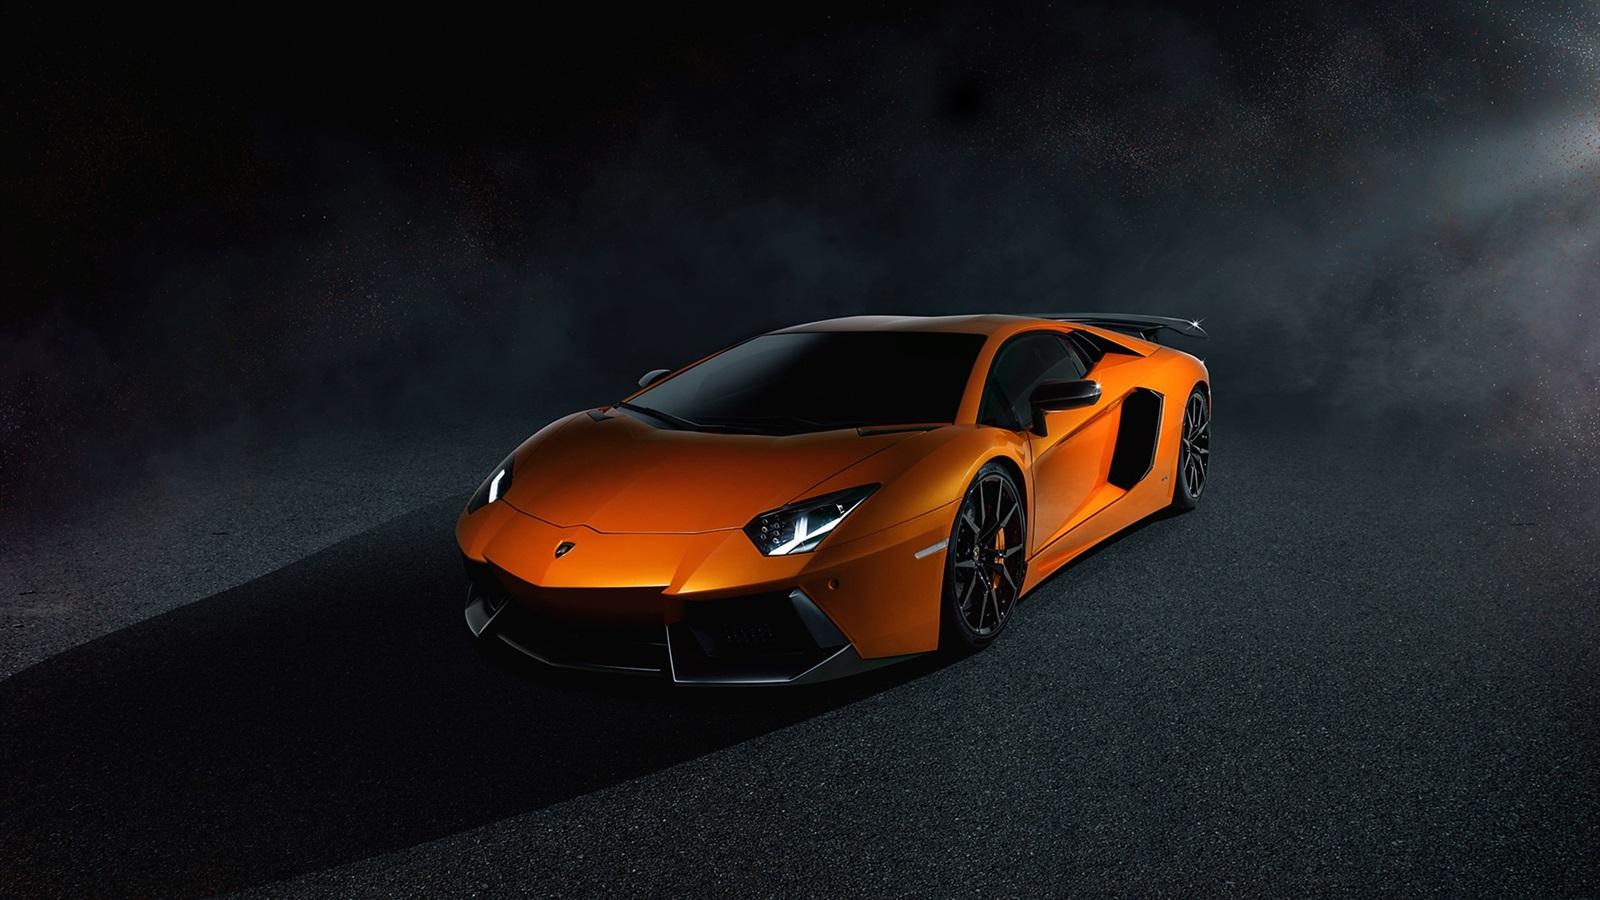 Lamborghini Aventador Lp700 4 Orange Supercar Nacht